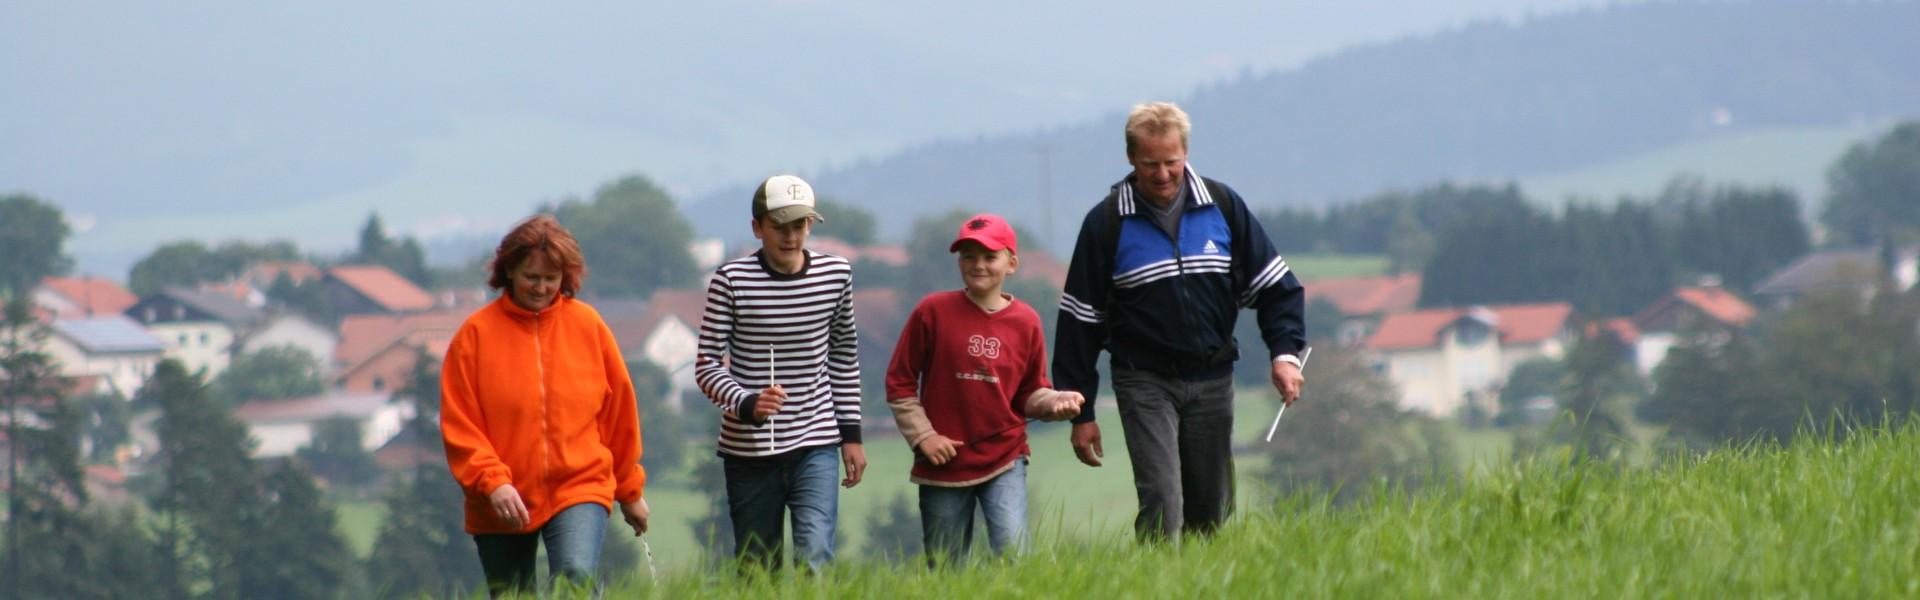 Wandern rund um das Golf Resort Passau-Raßbach Hotel GmbH, Golf und Natur